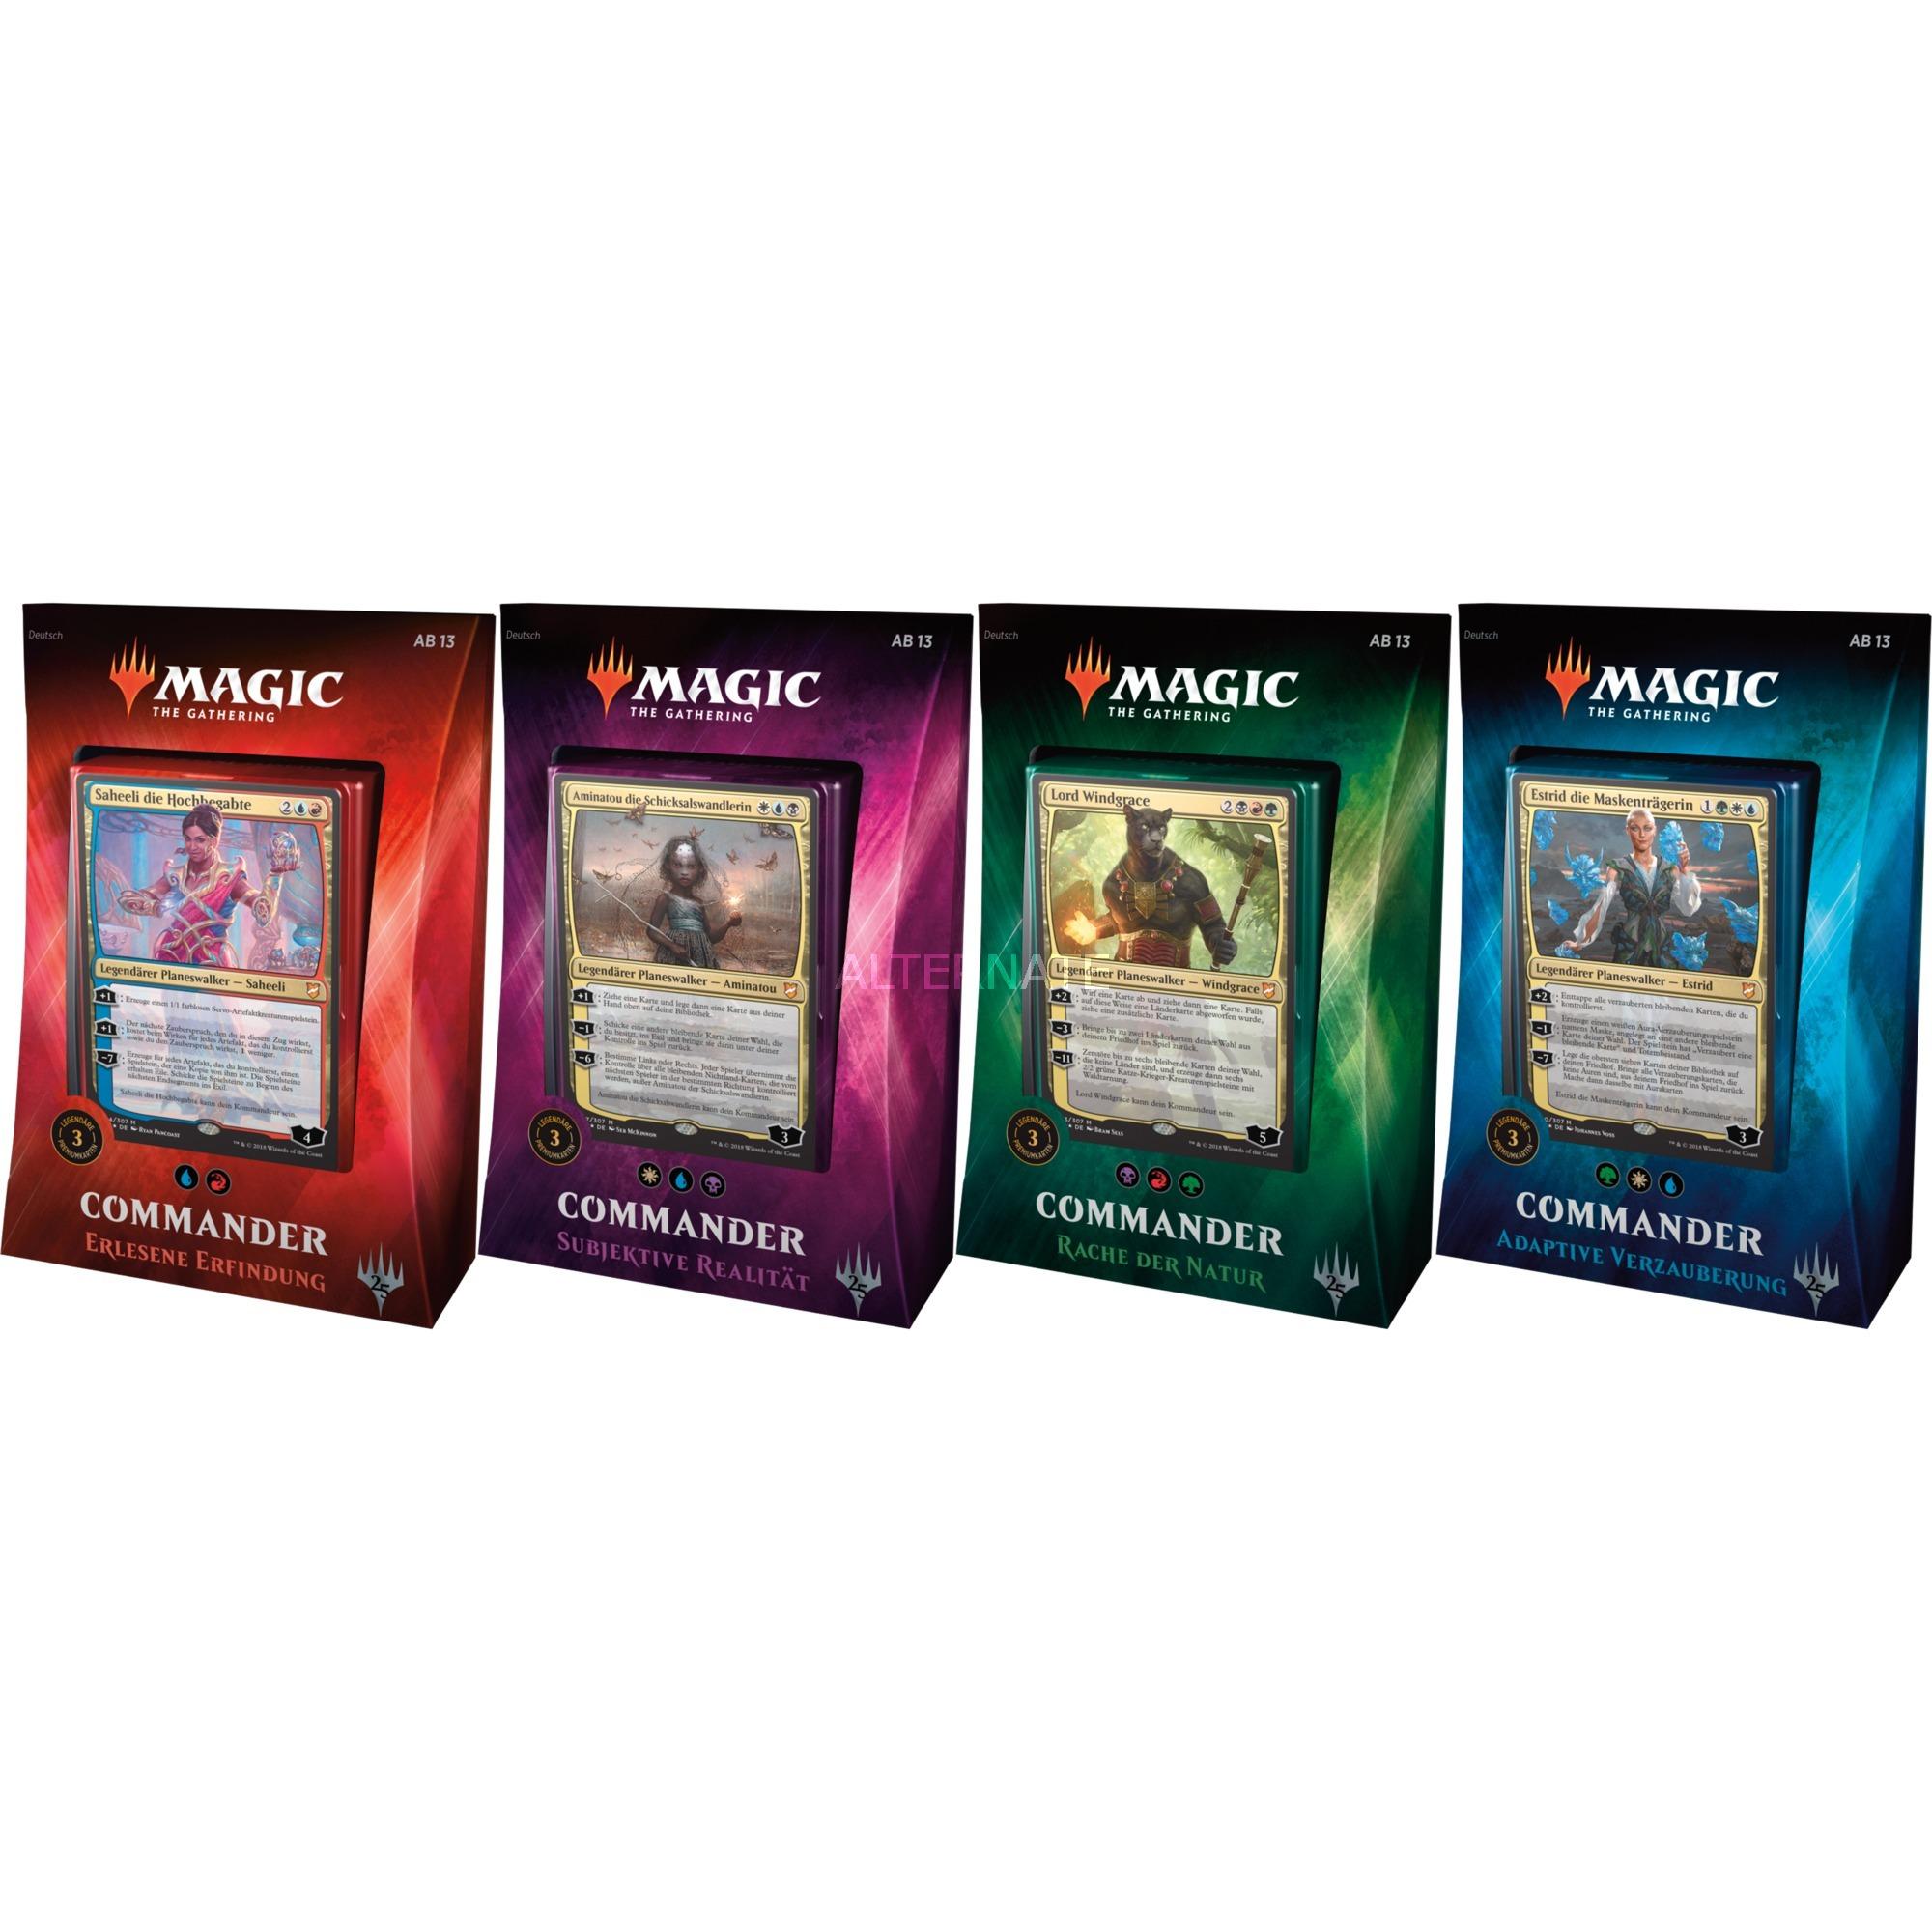 WOTCC41301000, Juegos de cartas